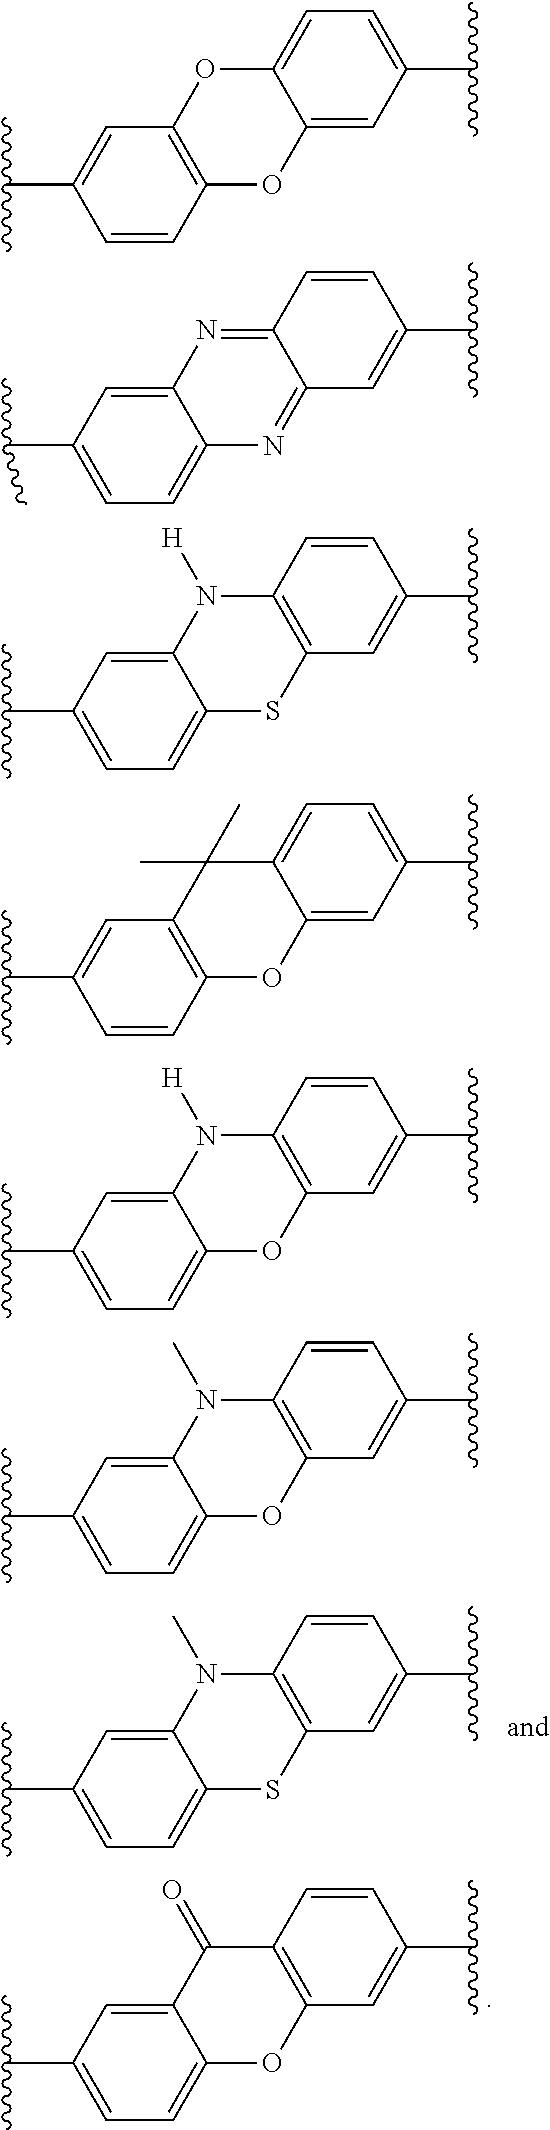 Figure US09511056-20161206-C00197